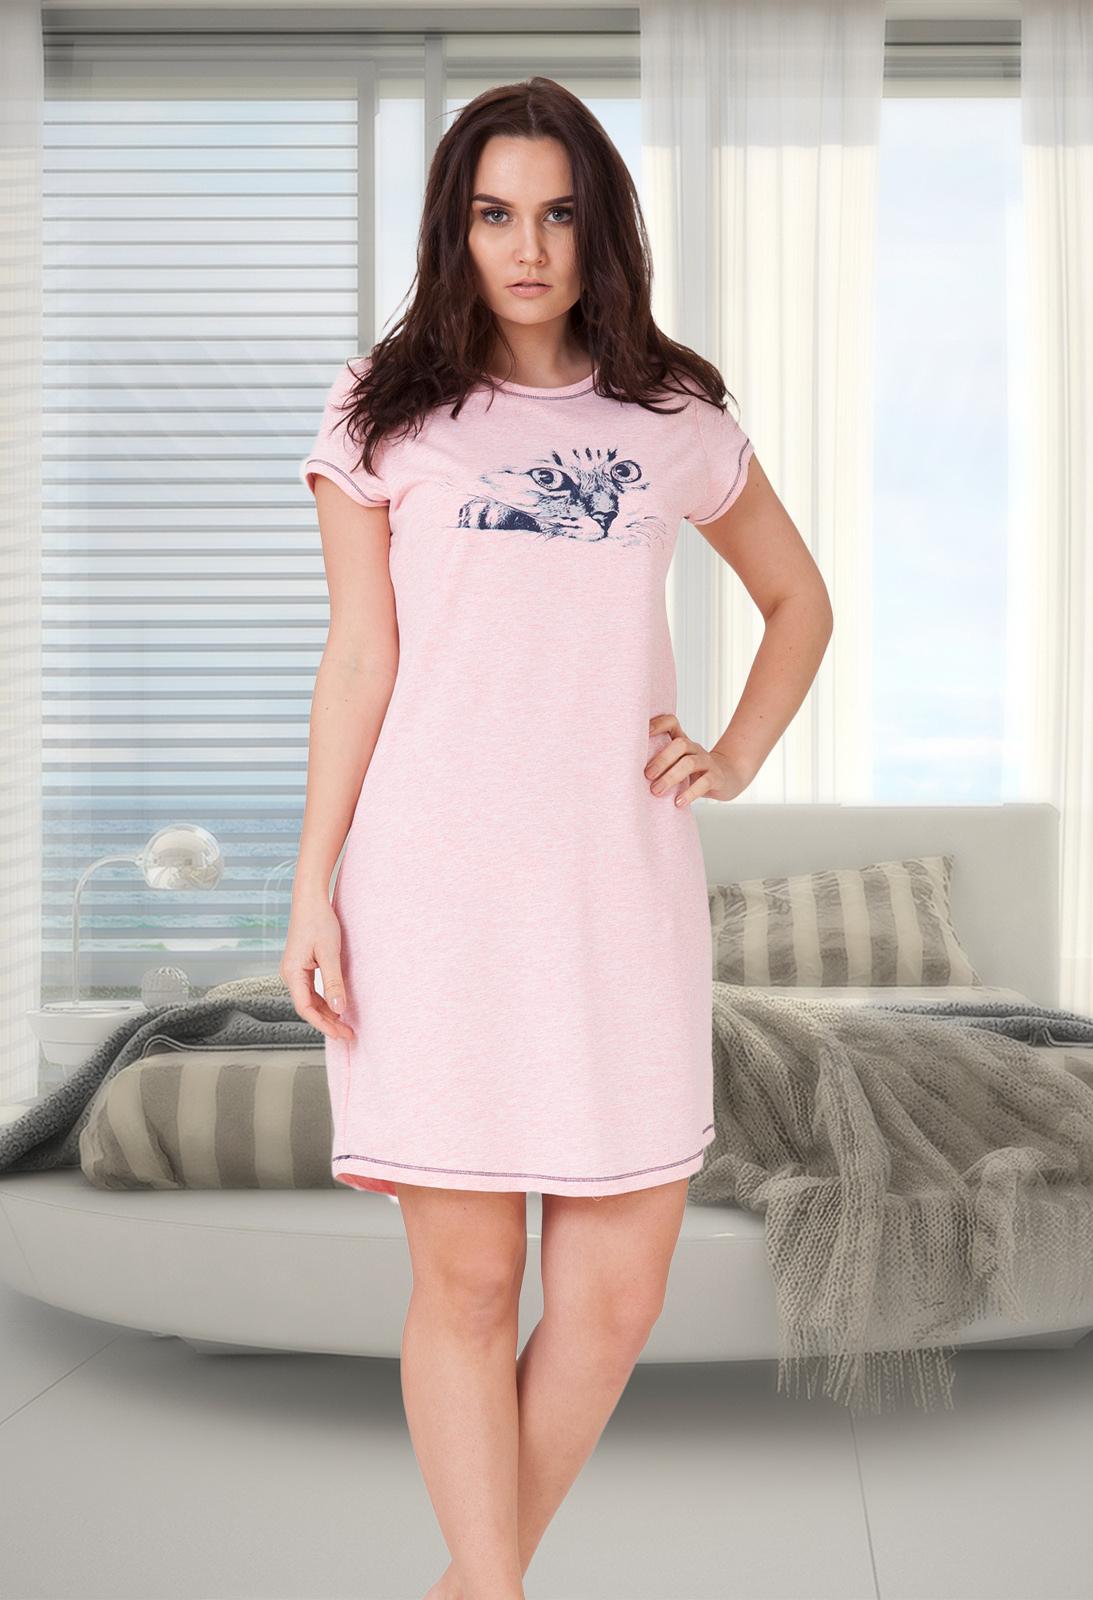 fd01a1cfc51090 Koszula M-Max Angela 636 kr/r S-2XL - Bielizna damska, męska i dziecięca  –sklep z bielizną Bliskociala